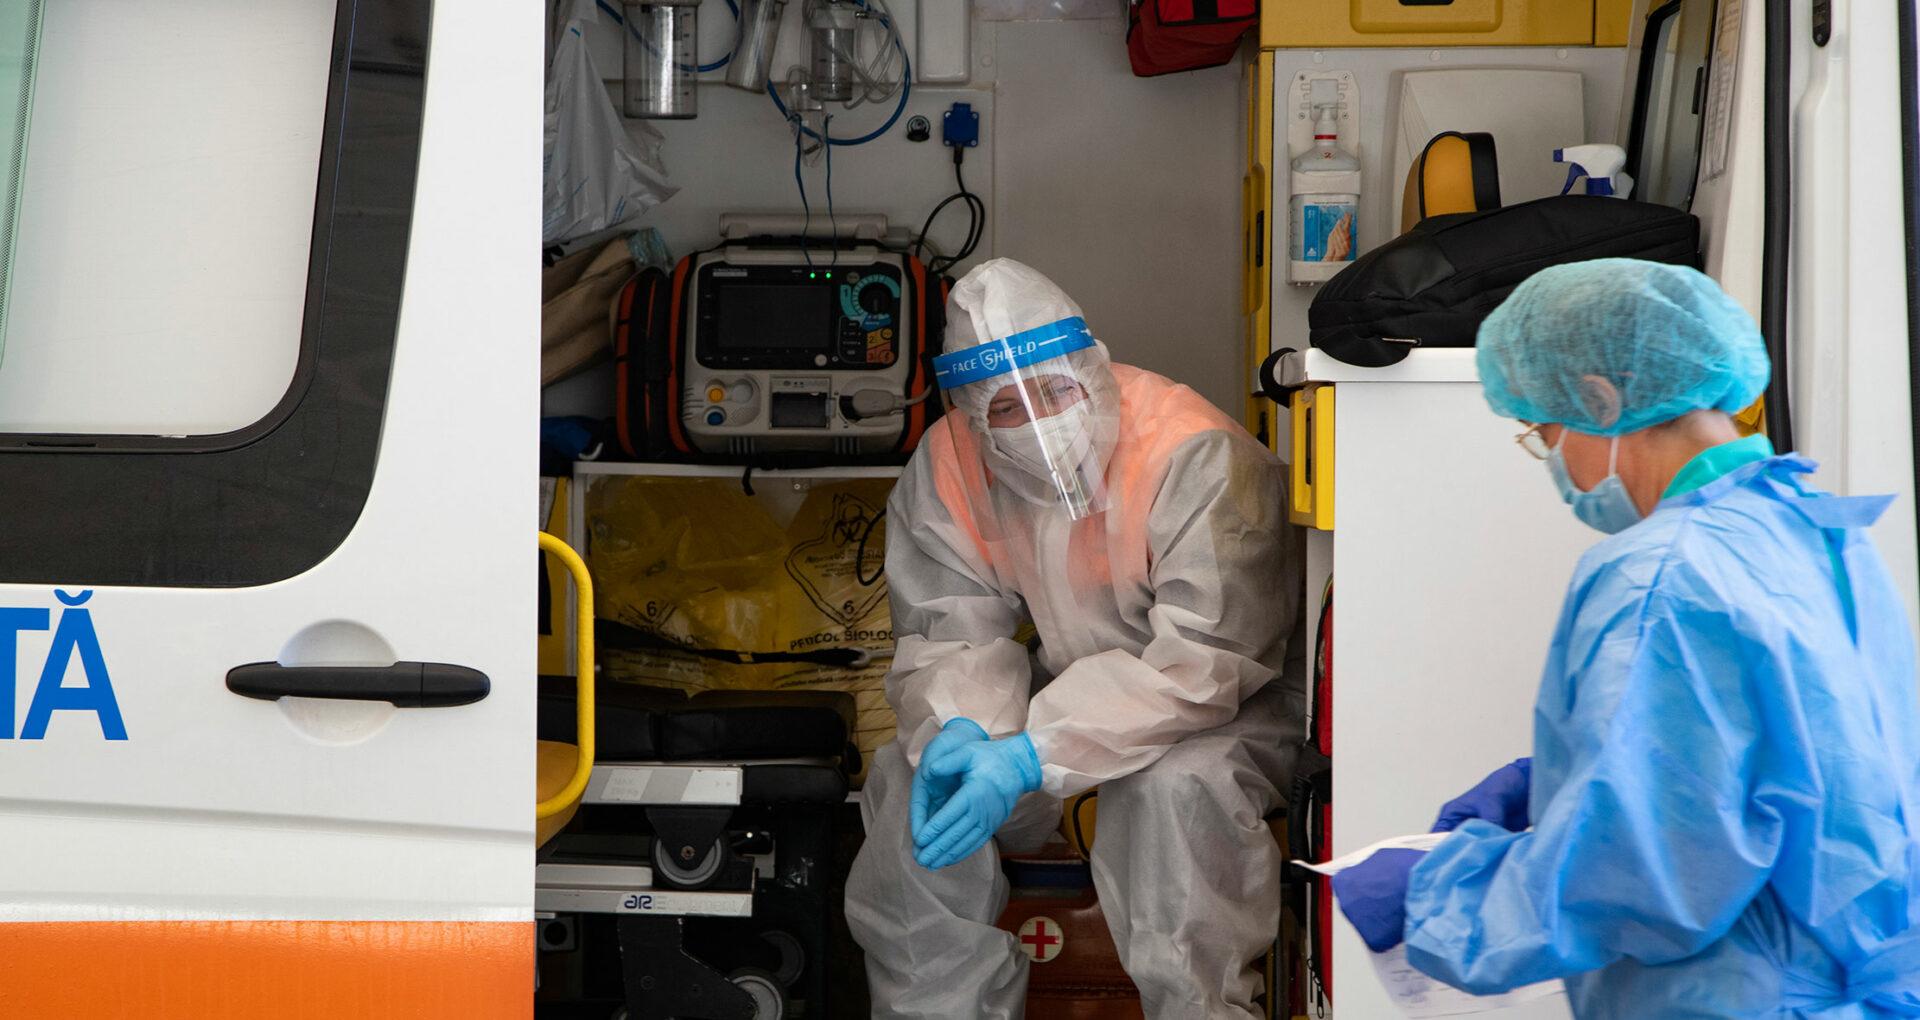 Alte 1499 cazuri noi de infectare cu COVID-19 au fost confirmate astăzi în R. Moldova